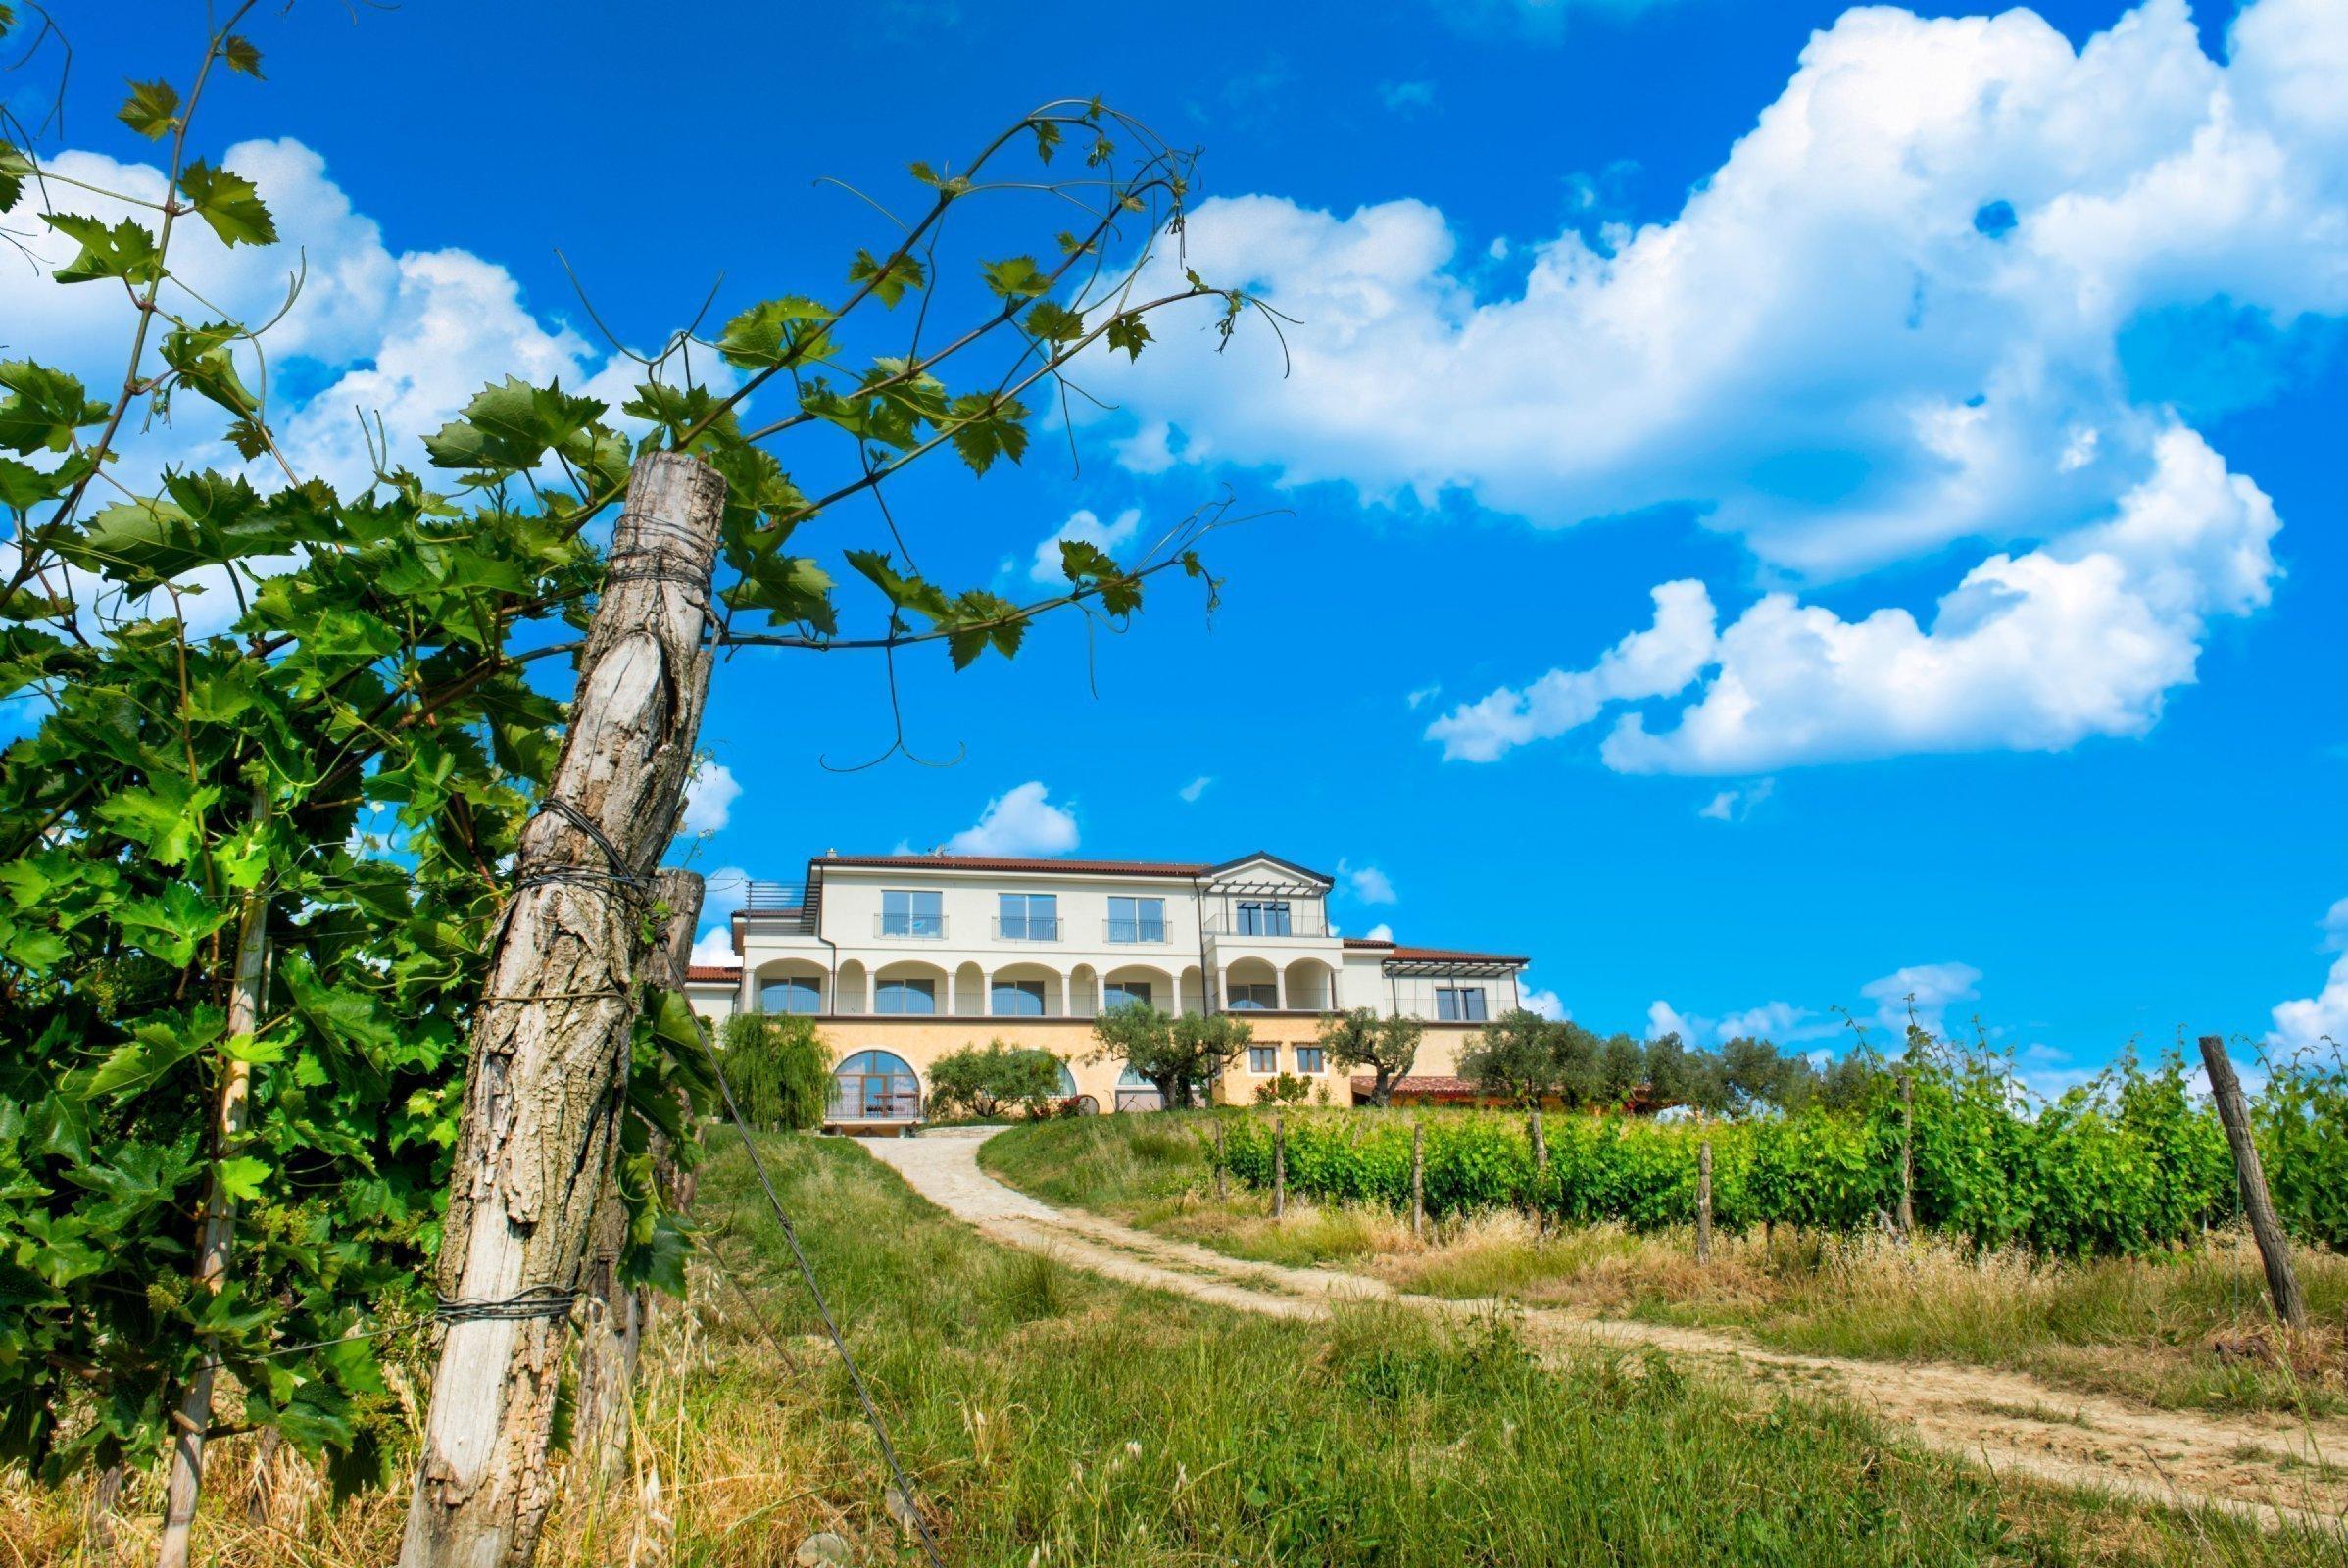 Cattunar Wine Residence